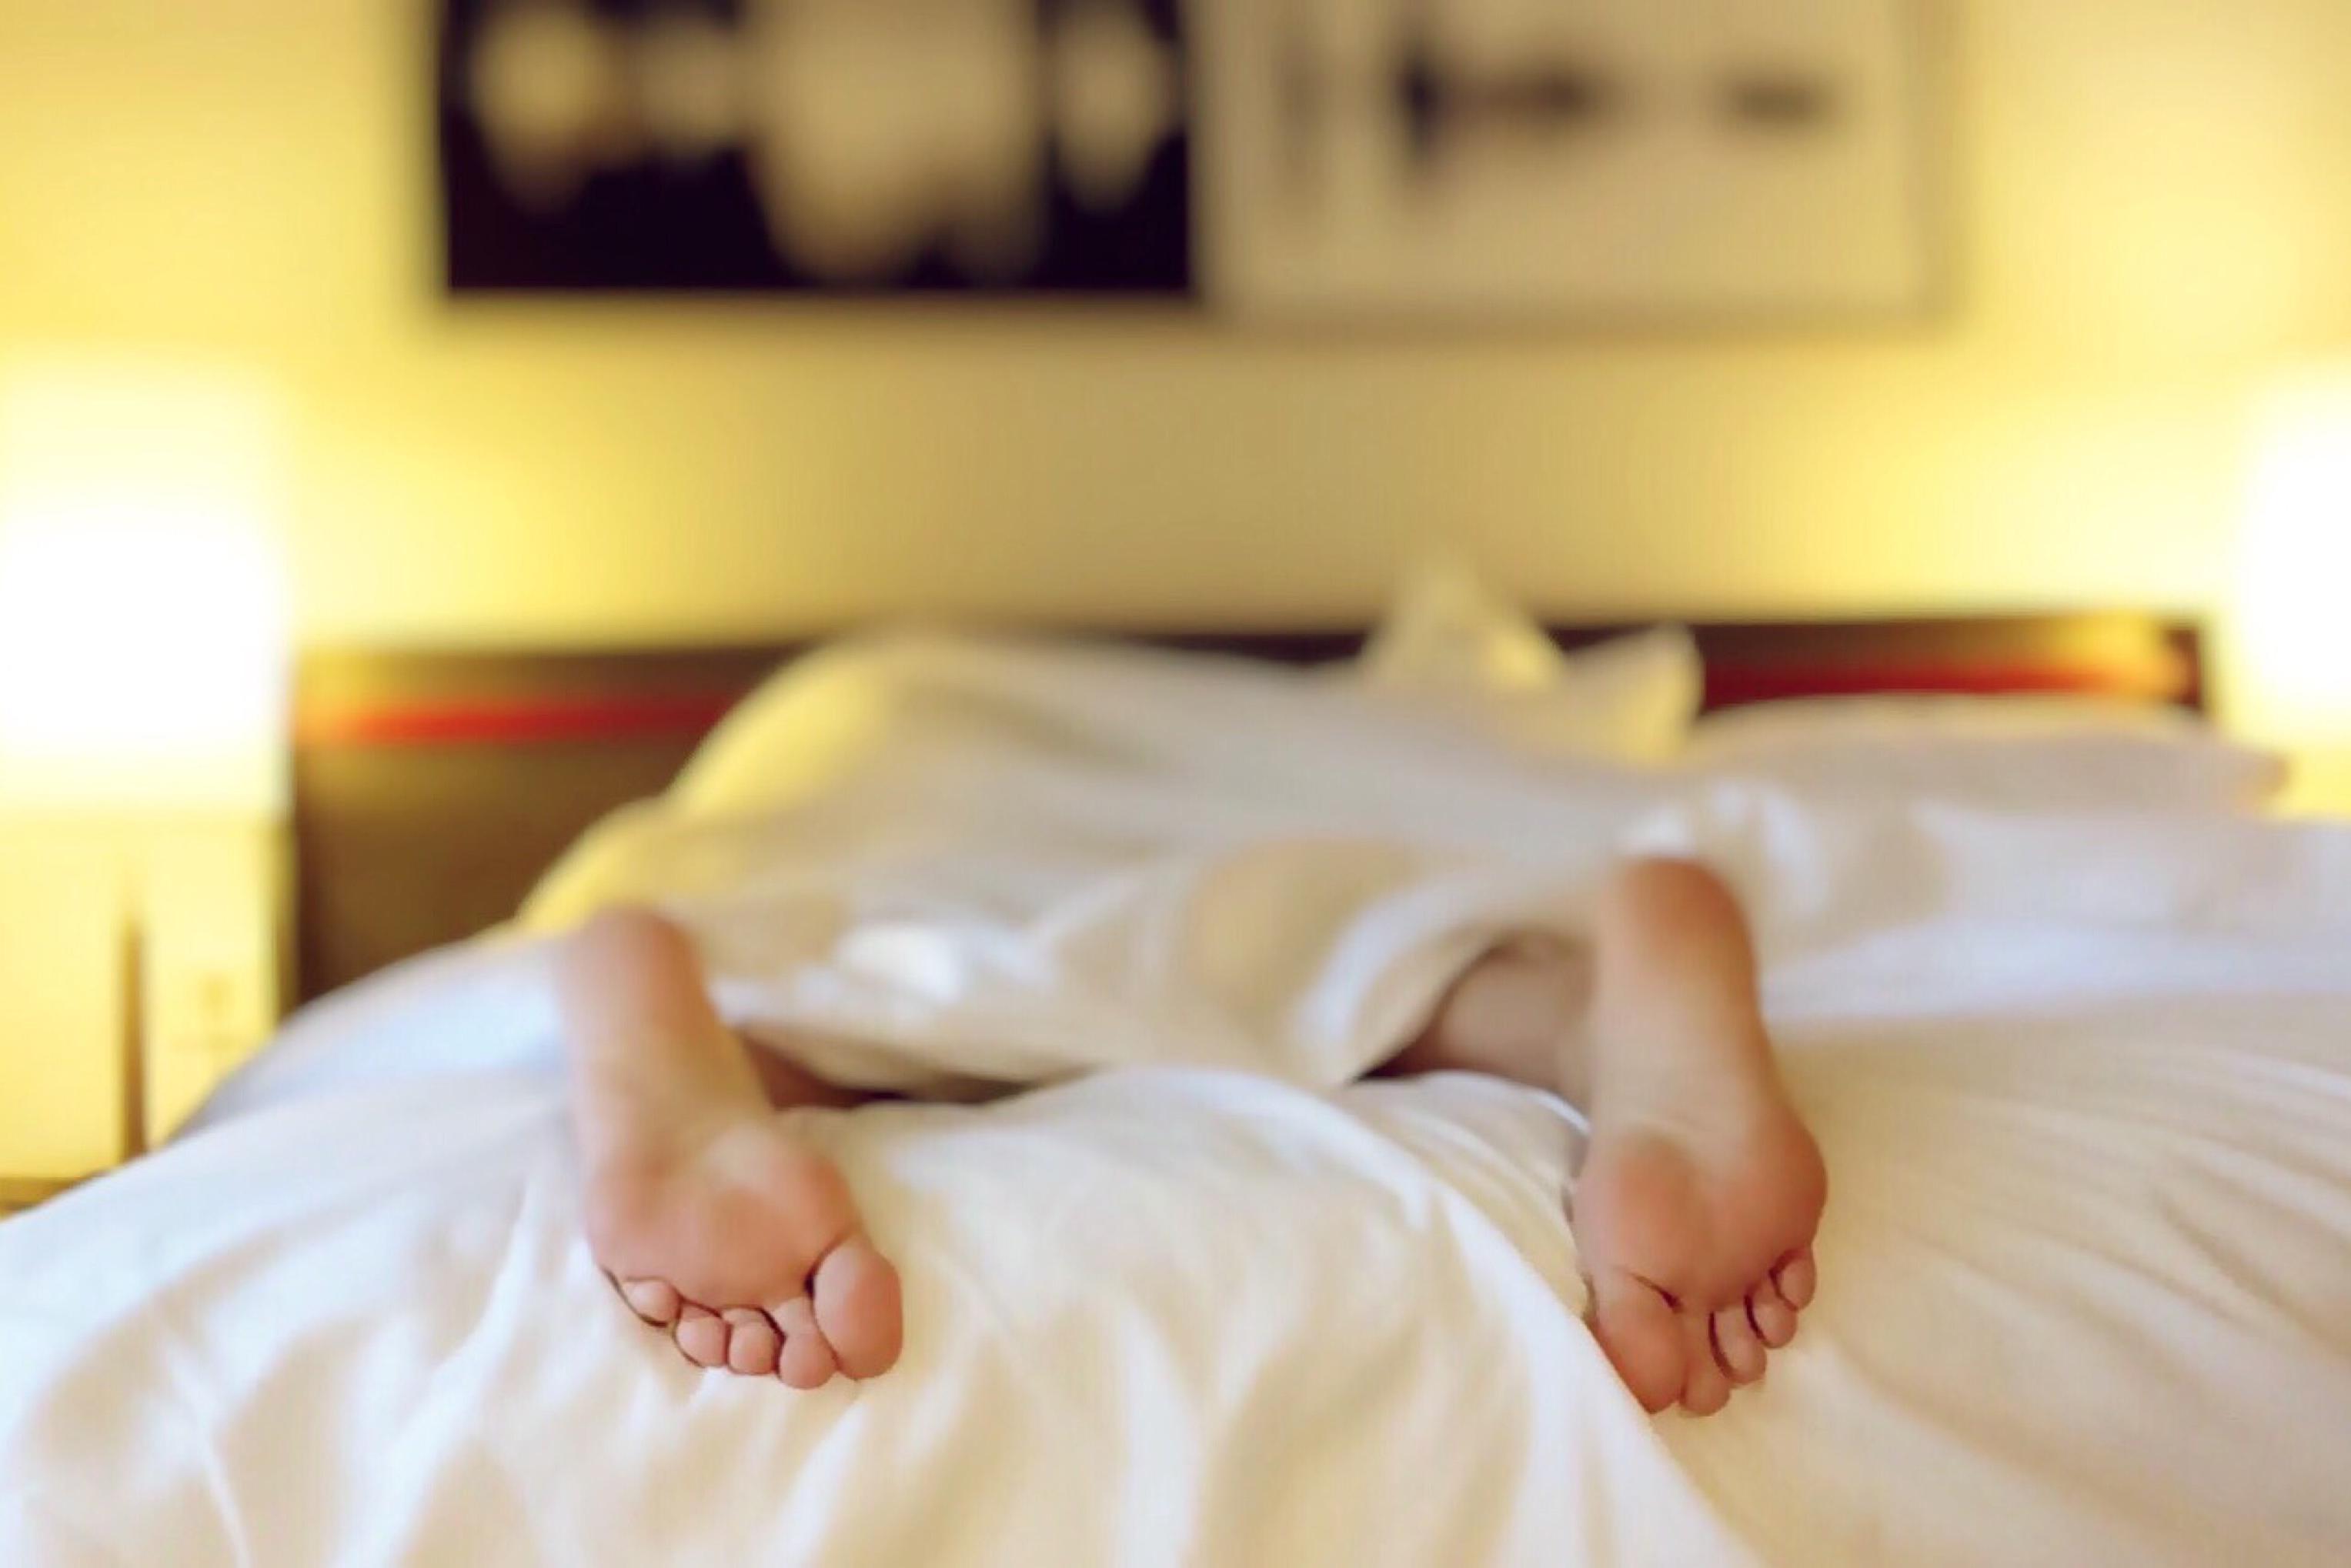 Pression du sommeil : le trop plein qui nous fait dormir